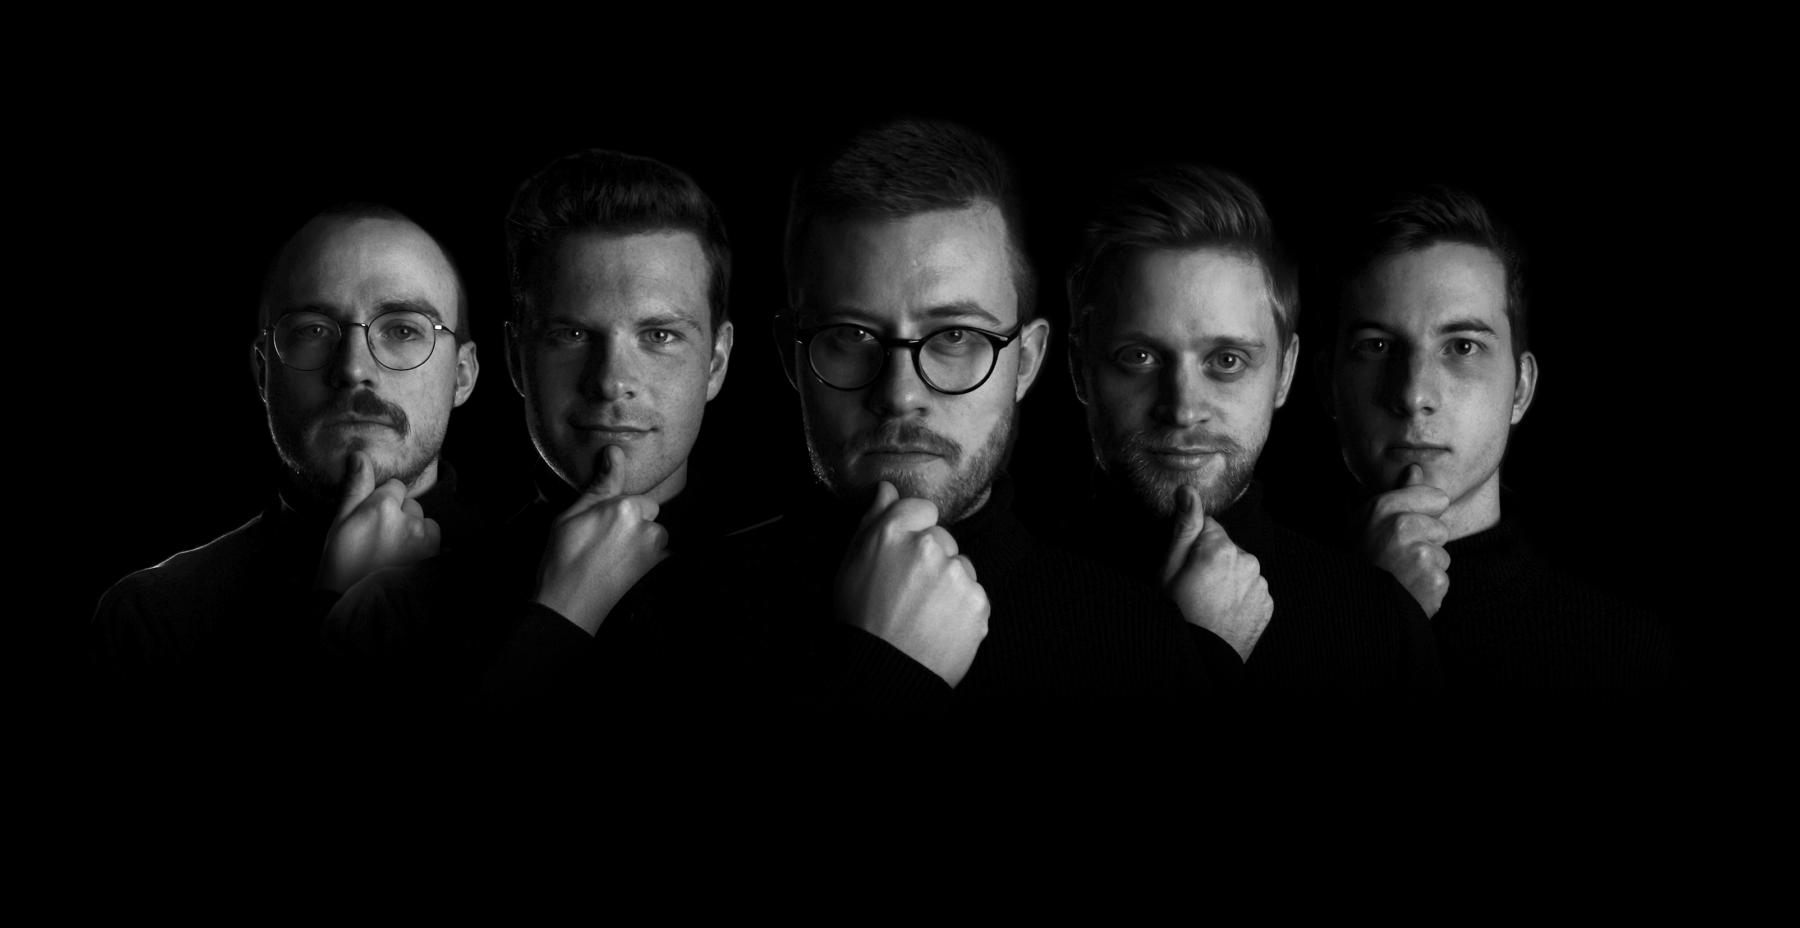 Team Relion med Rasmus Skovdal, Kristian Emil Larsen, Jimmy Engelbrecht Sørensen, Thore Elbek og Palle Hauge Petersen. Turteneck billede.